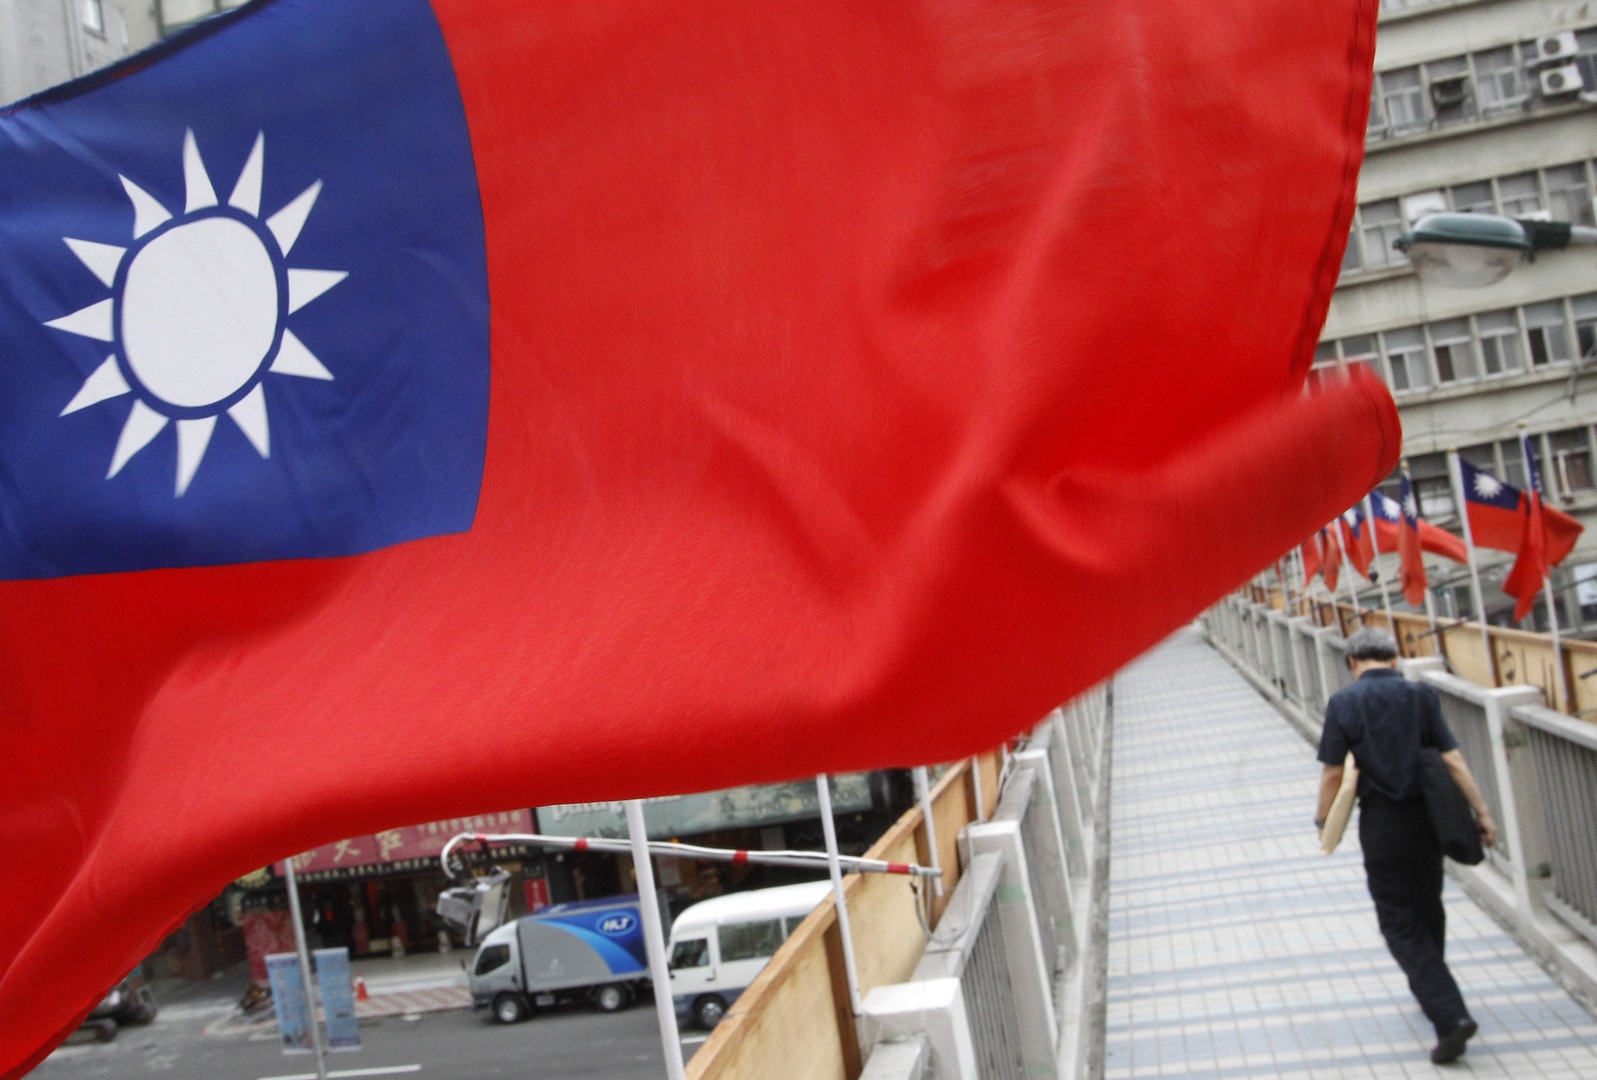 الصين تحذر ليتوانيا بعدما أبدت تايوان رغبتها في فتح سفارة على أراضيها